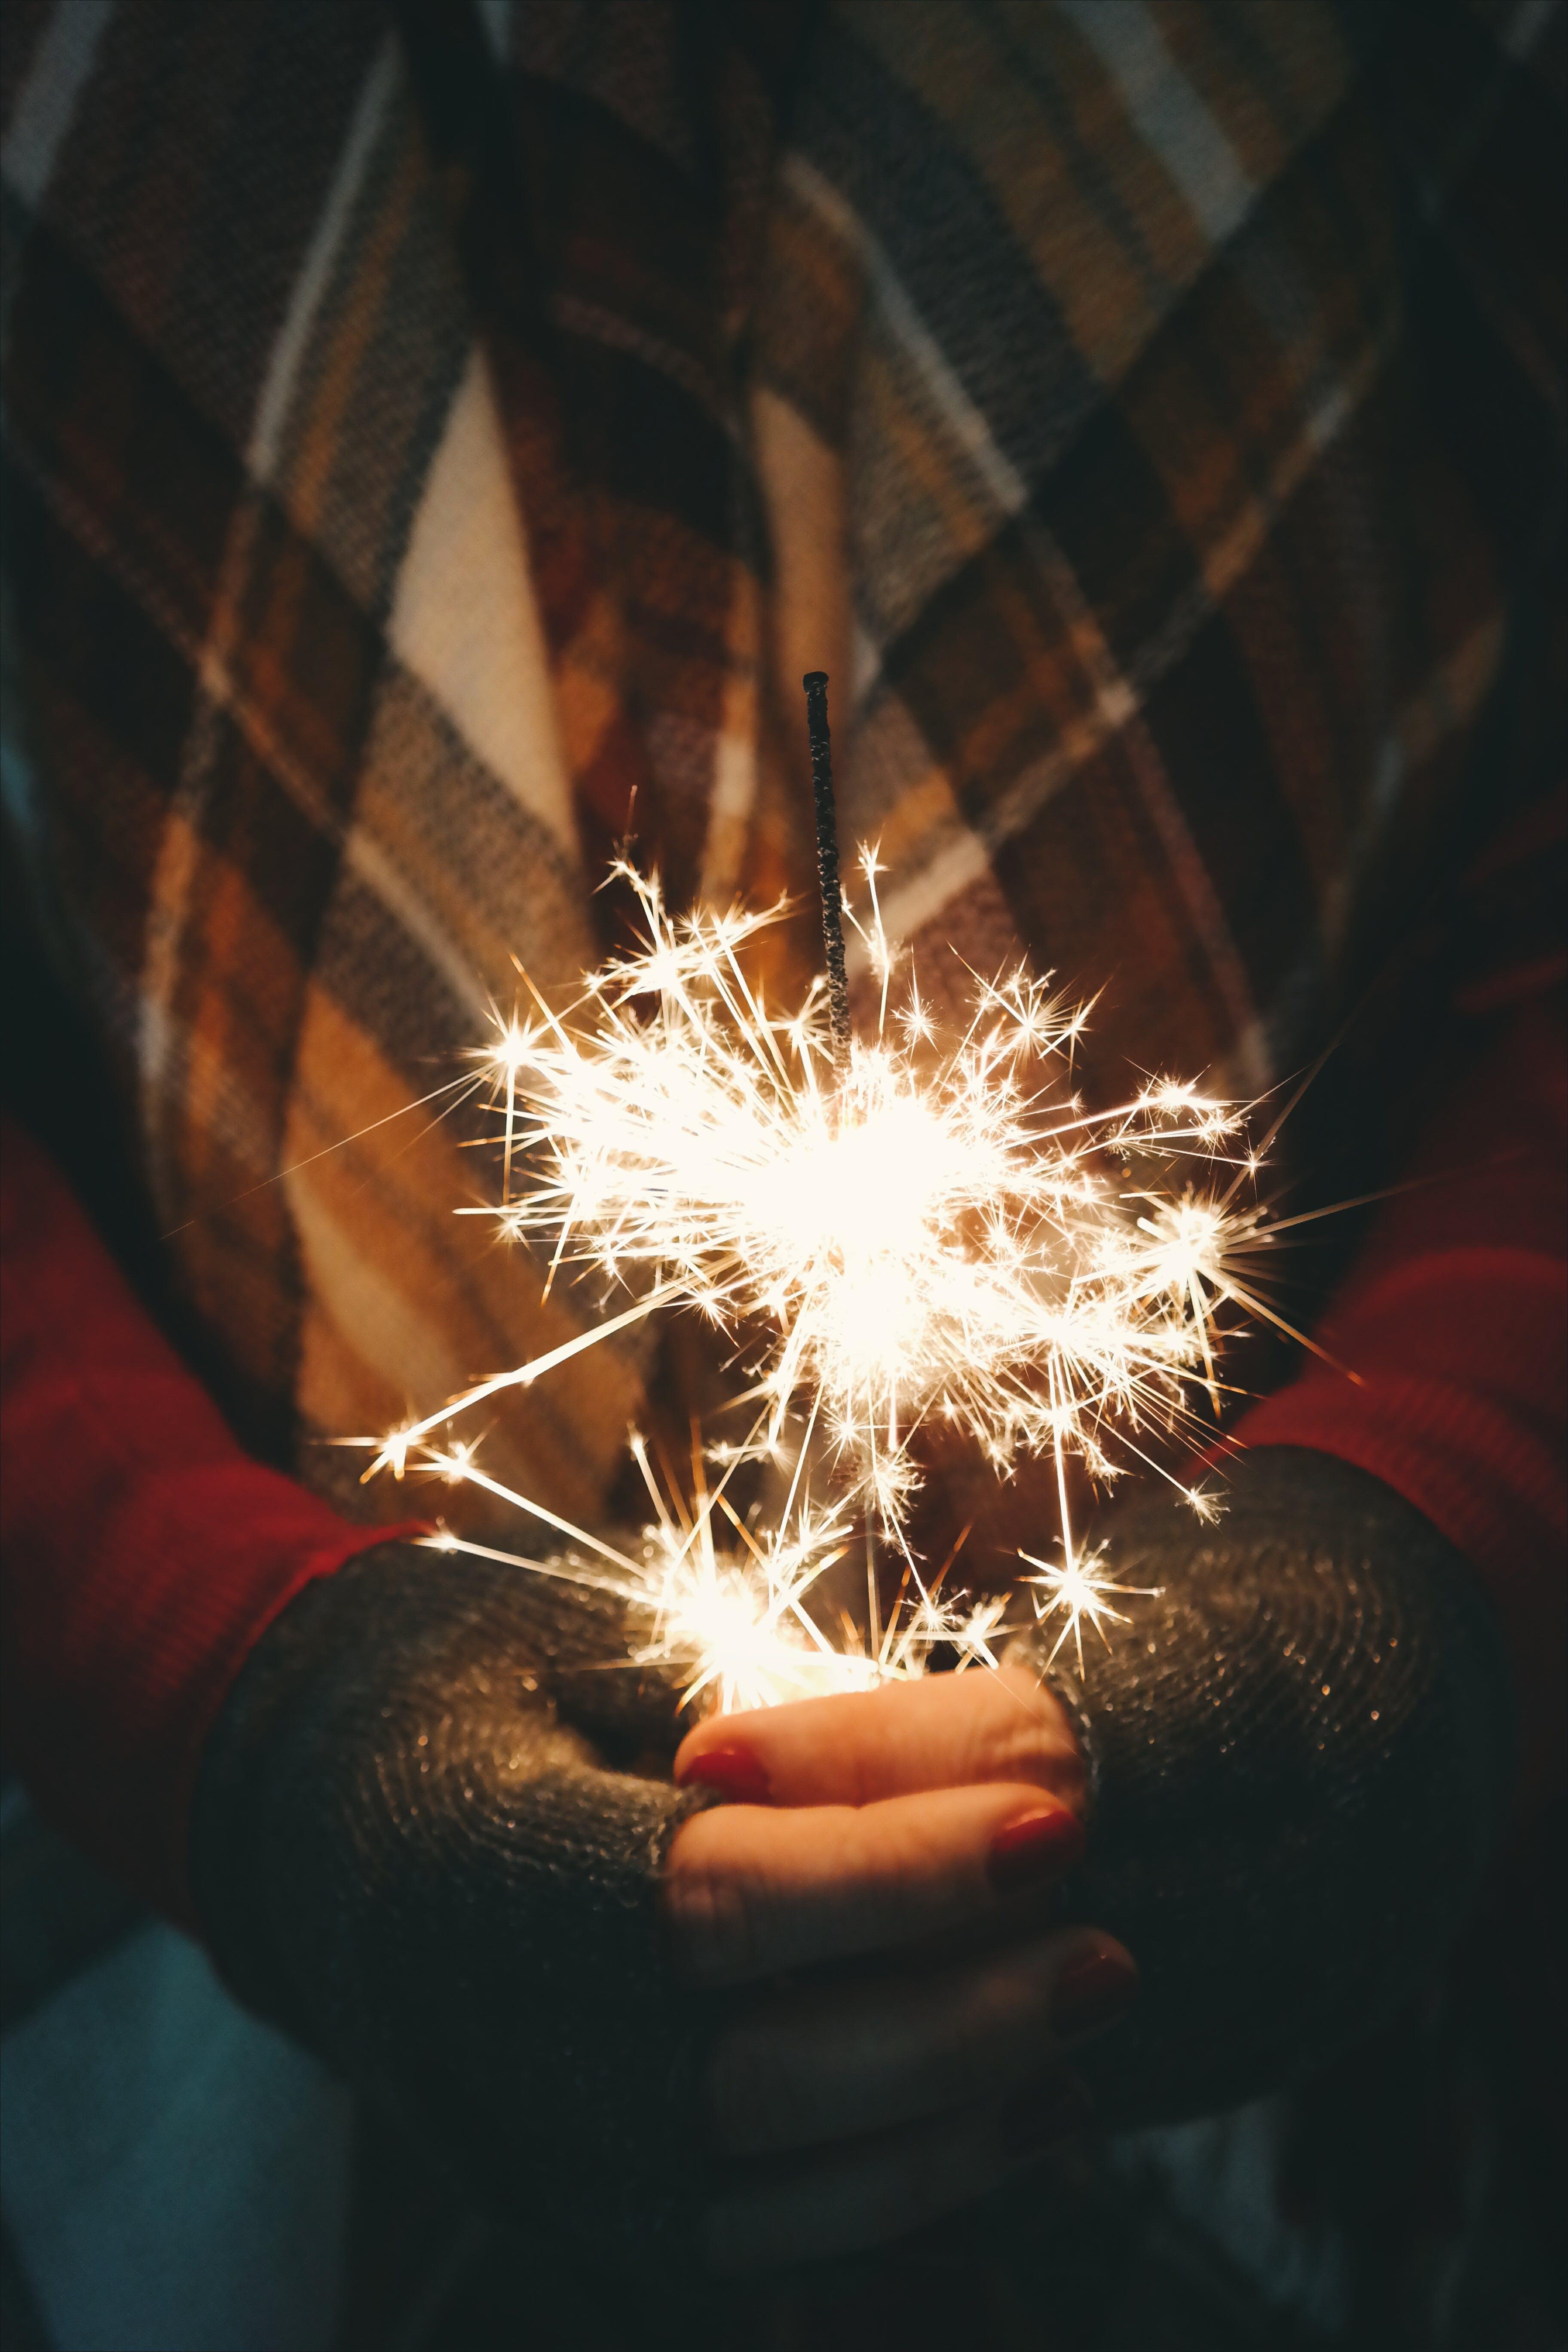 Δωρεάν στοκ φωτογραφιών με αναλαμπή, απόγευμα, αστέρια, αστερίες